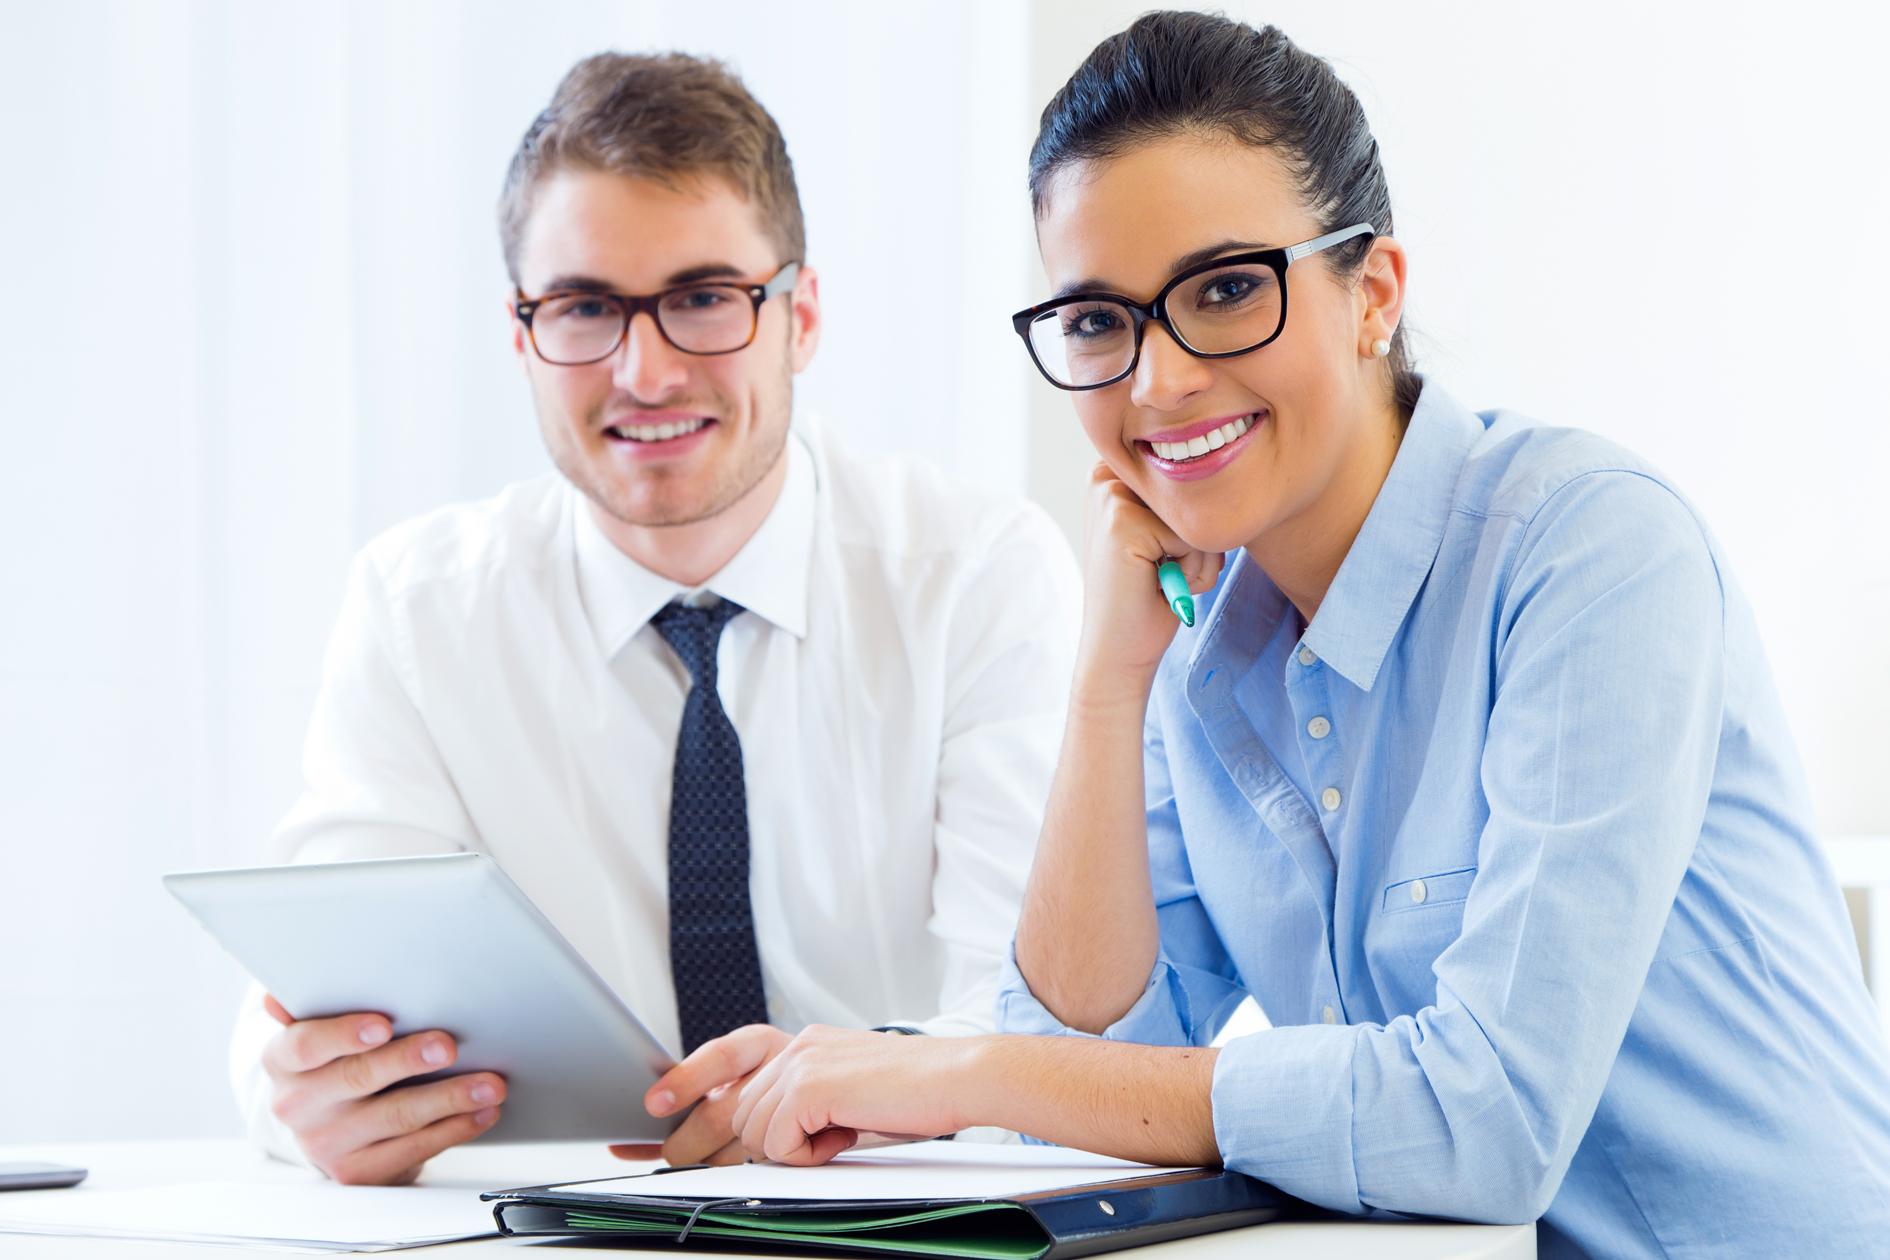 Plano odontológico: descubra qual é o melhor e confira valores